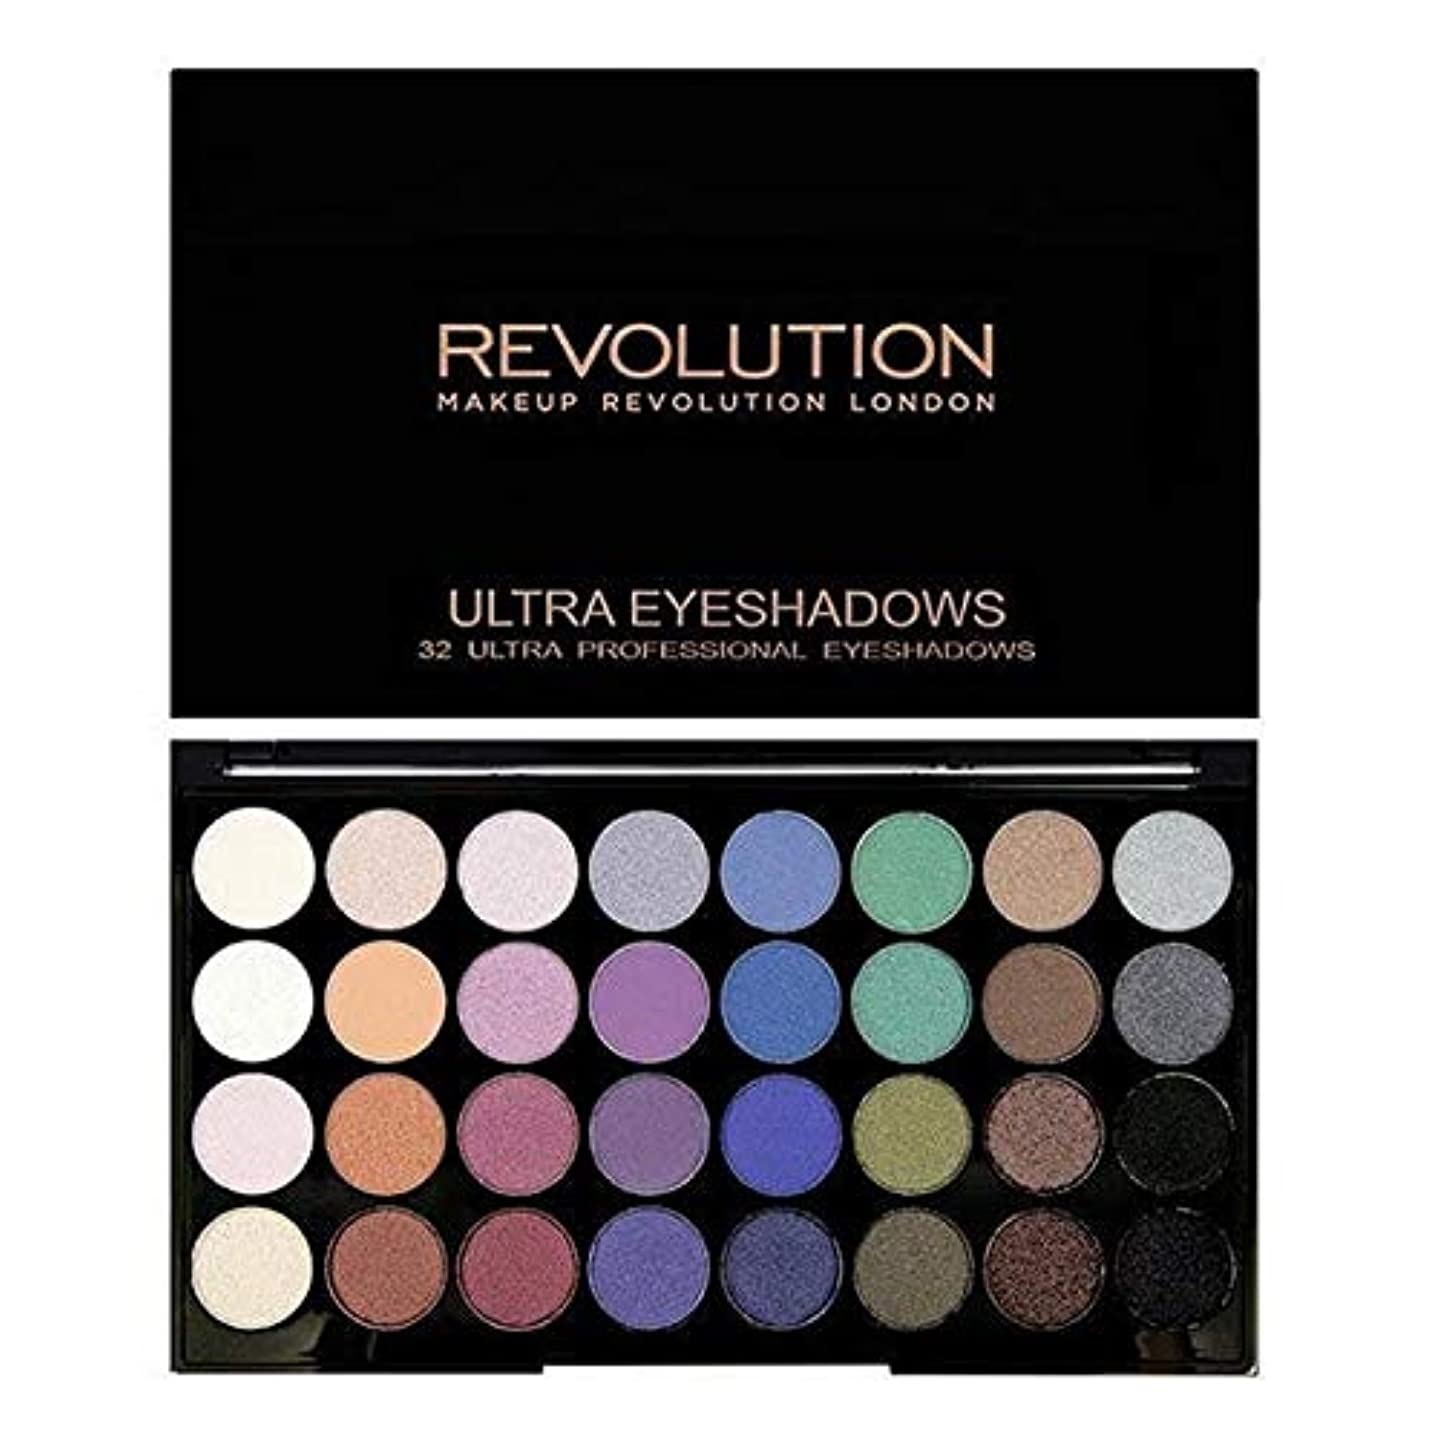 測定可能みがきます世界の窓[Revolution ] 永遠に革命32アイシャドウパレット人魚 - Revolution 32 Eye Shadow Palette Mermaids Forever [並行輸入品]